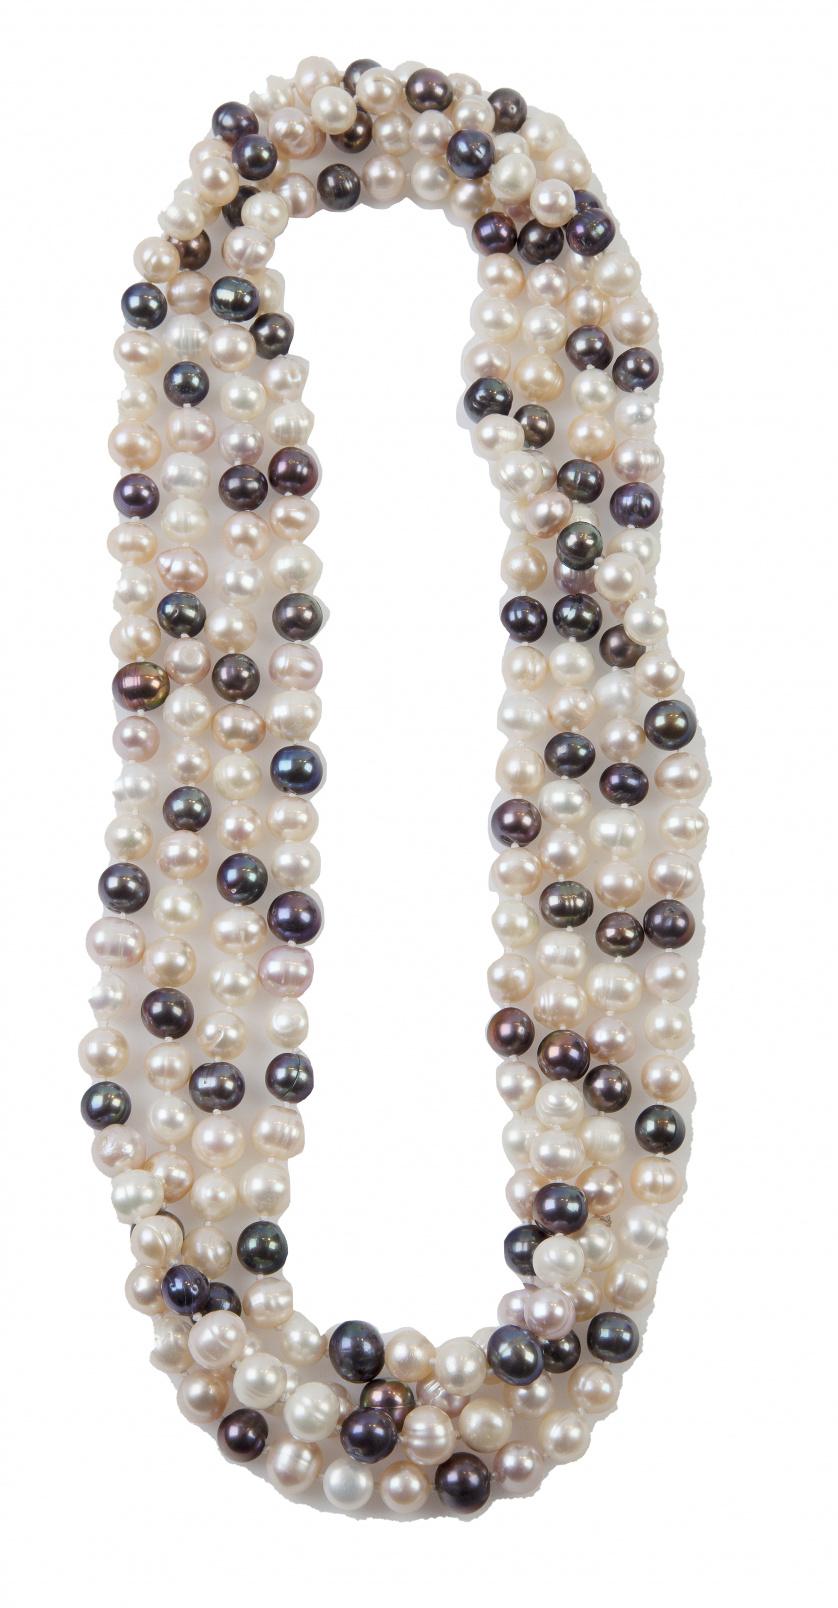 Lote de dos collares con perlas